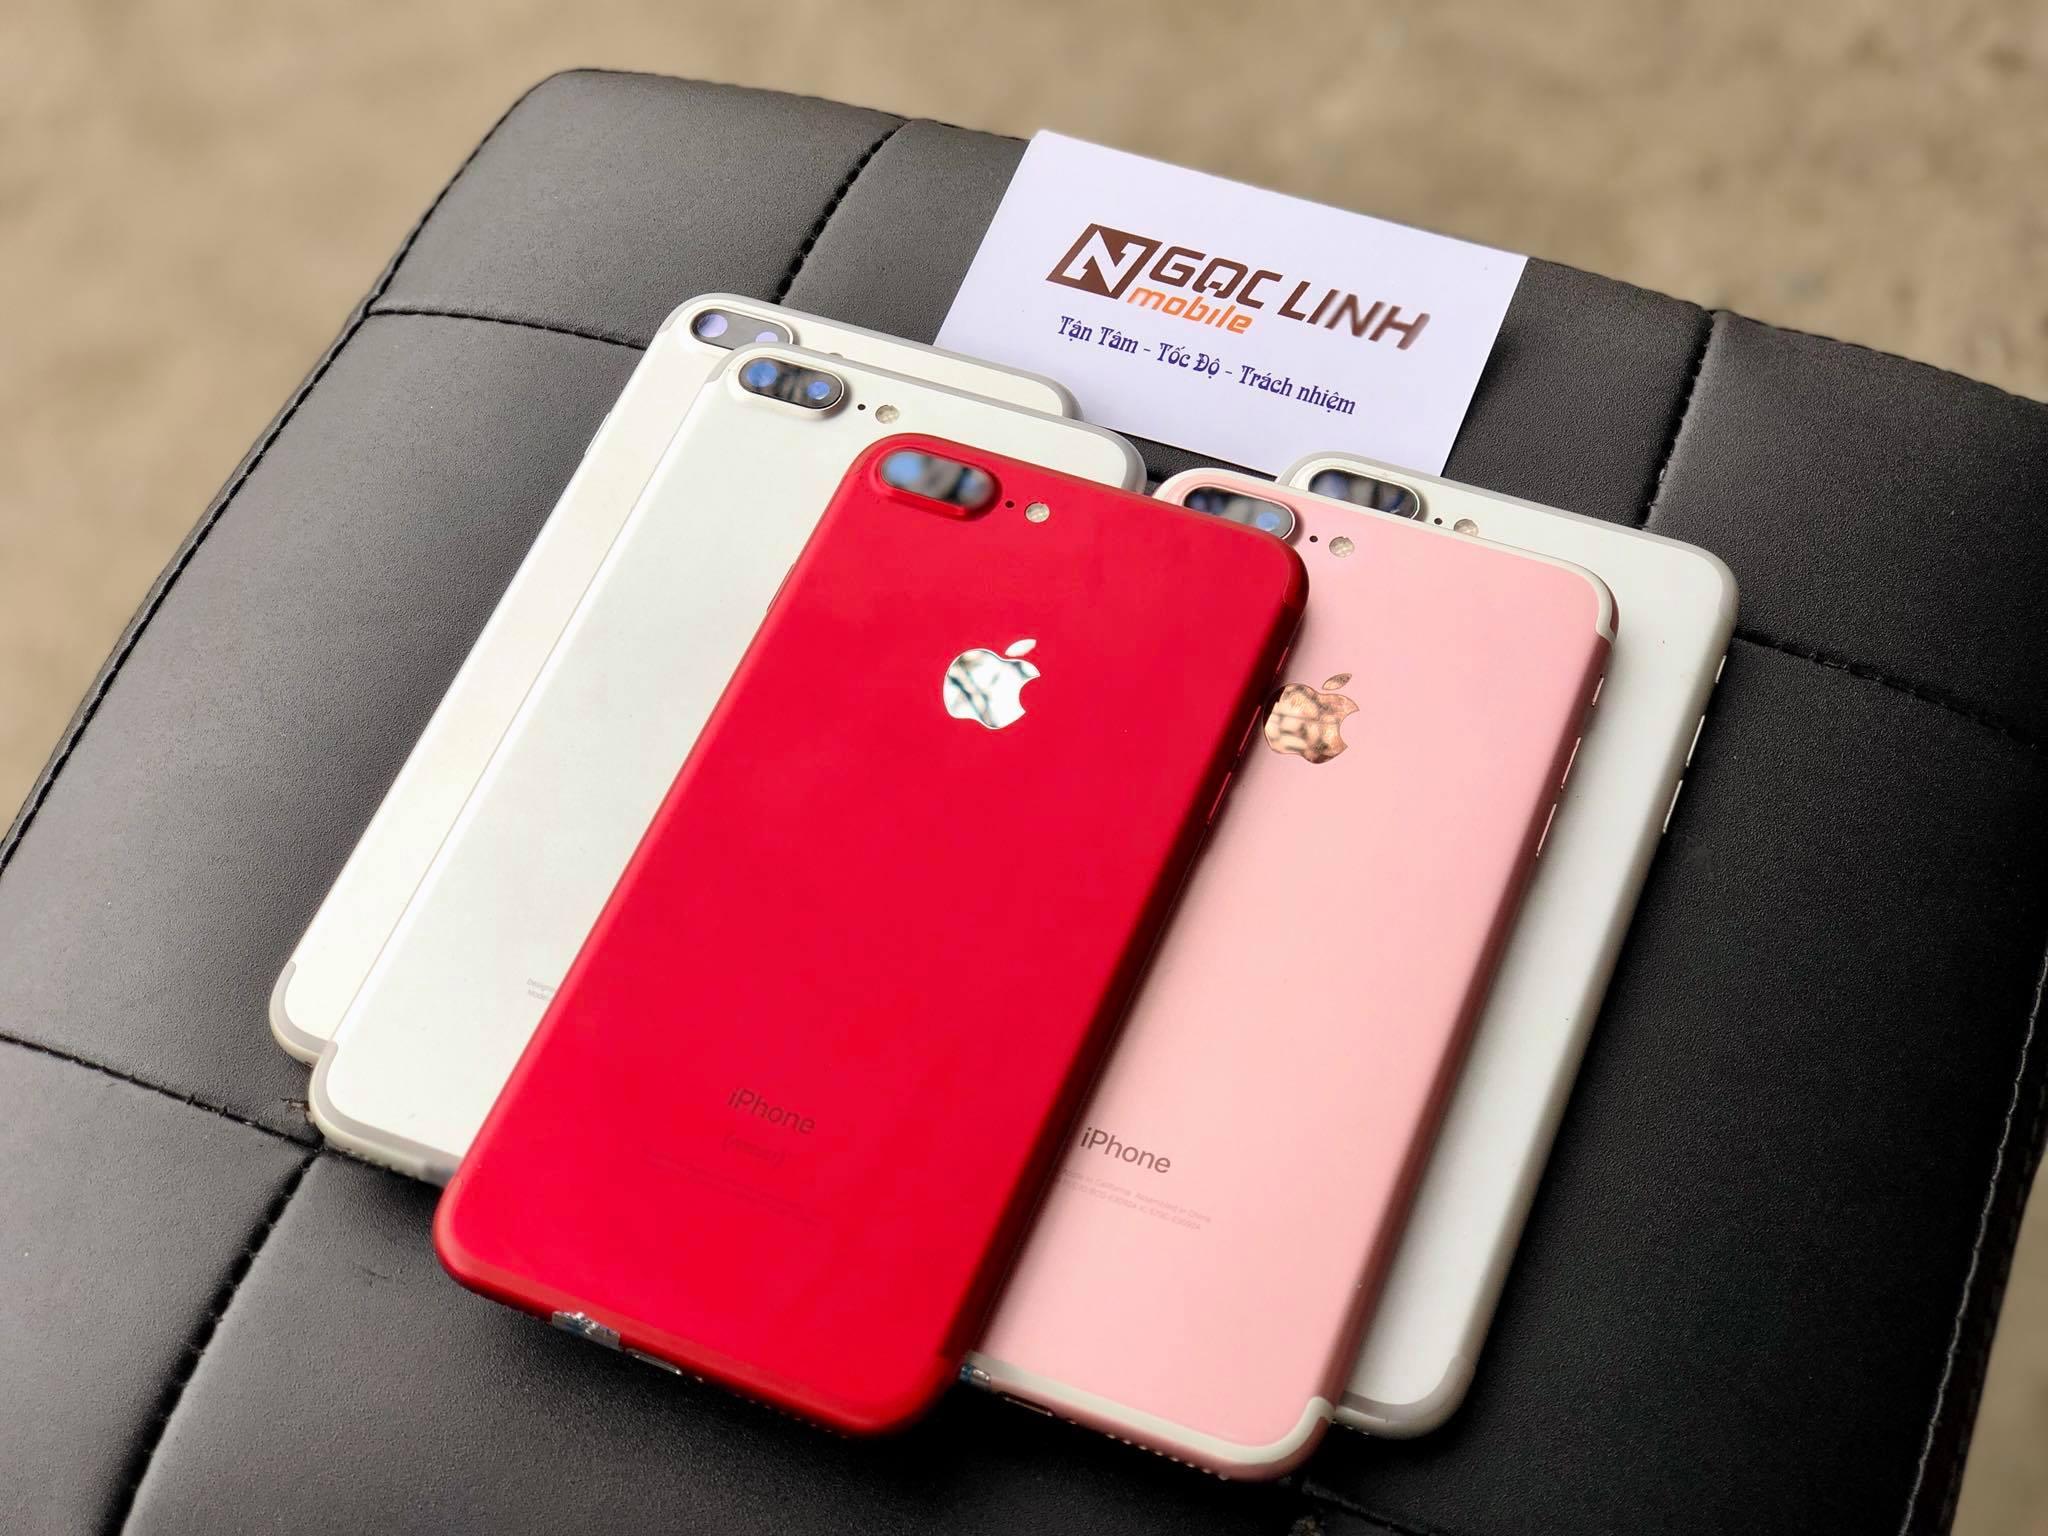 iPhone cũ tại Ngọc Linh Mobile